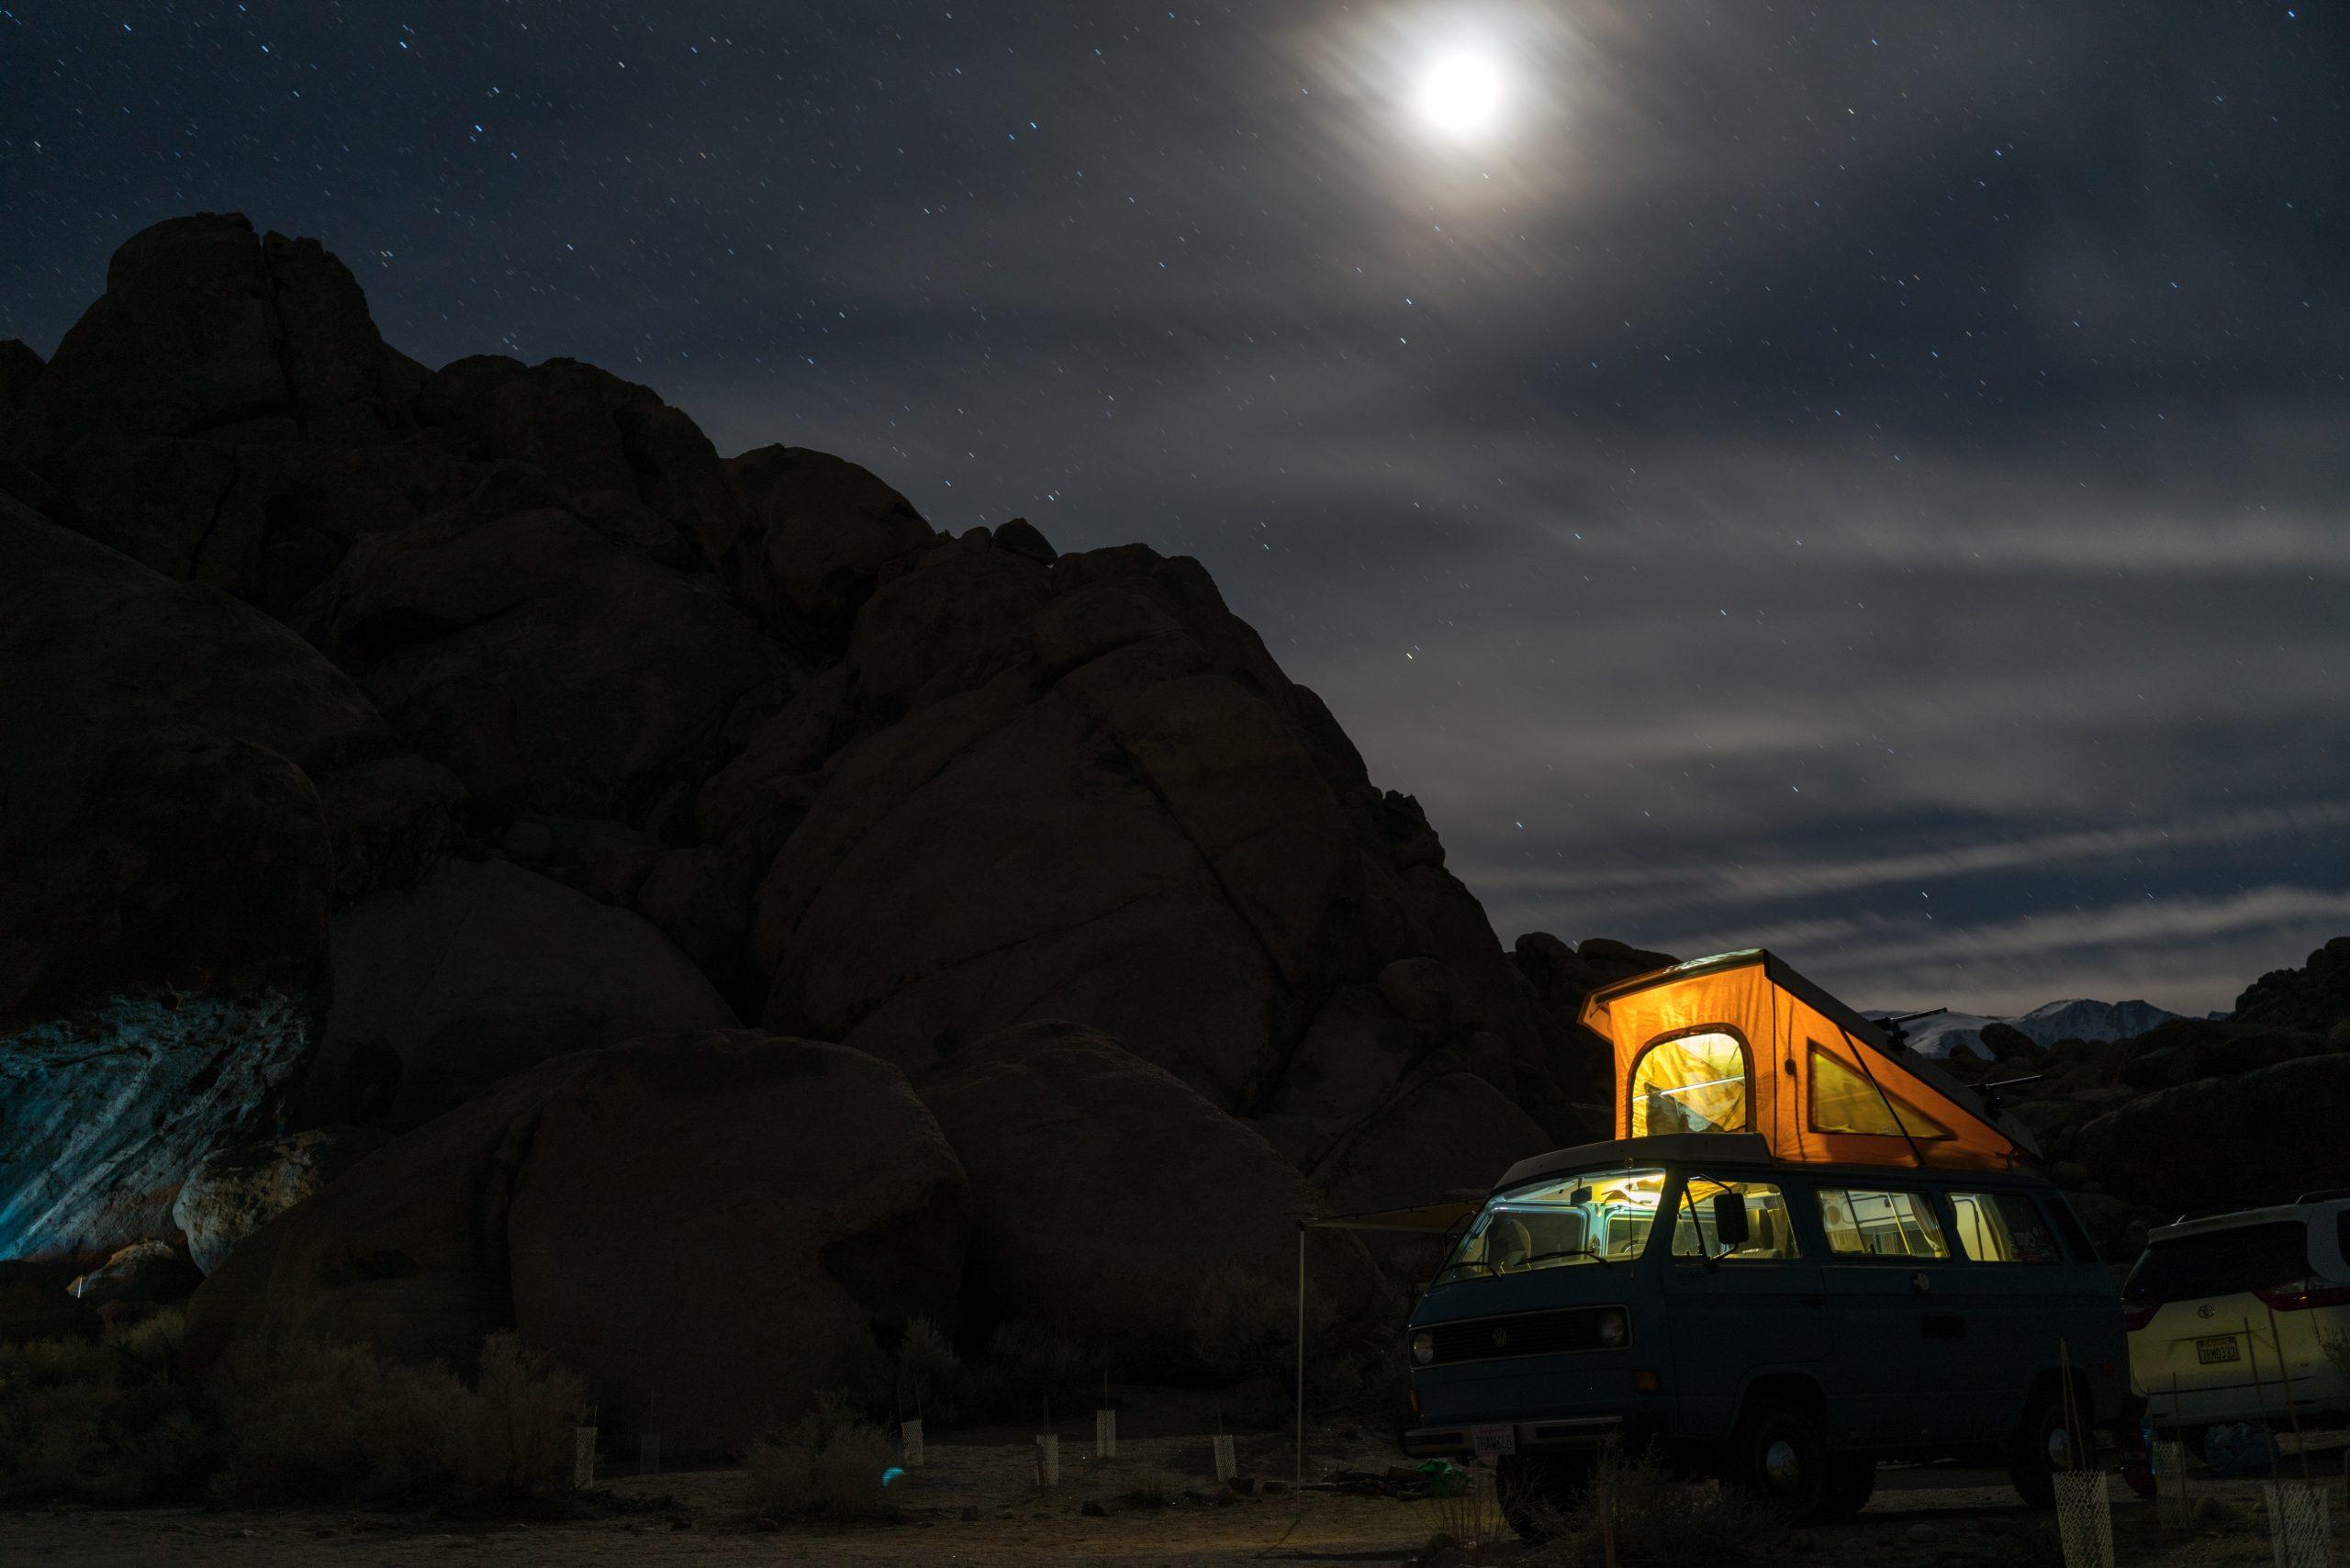 parked van near mountain